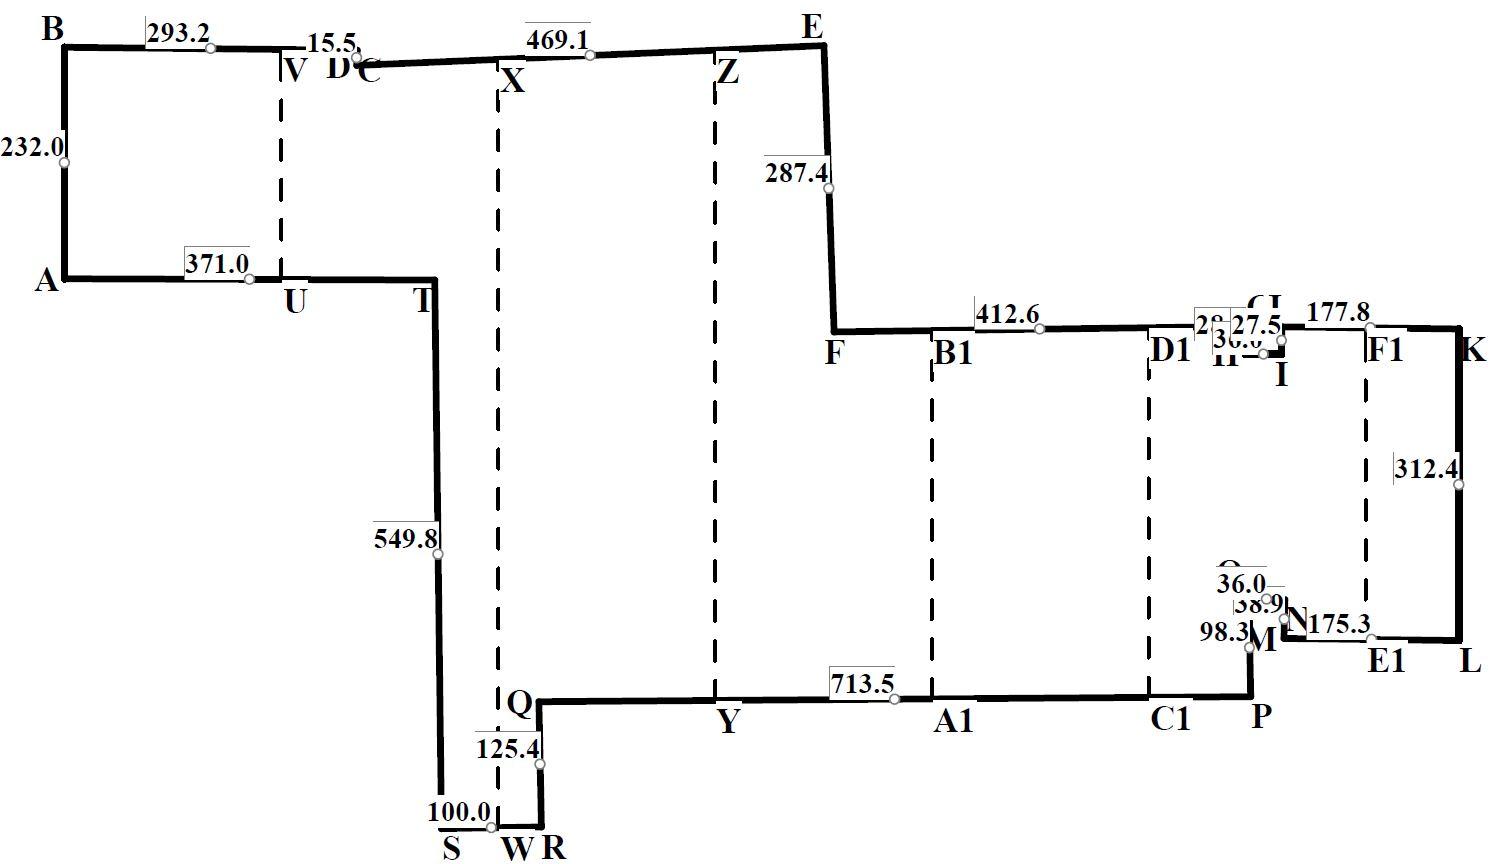 Plan de calepinage plafond tendu pour devis